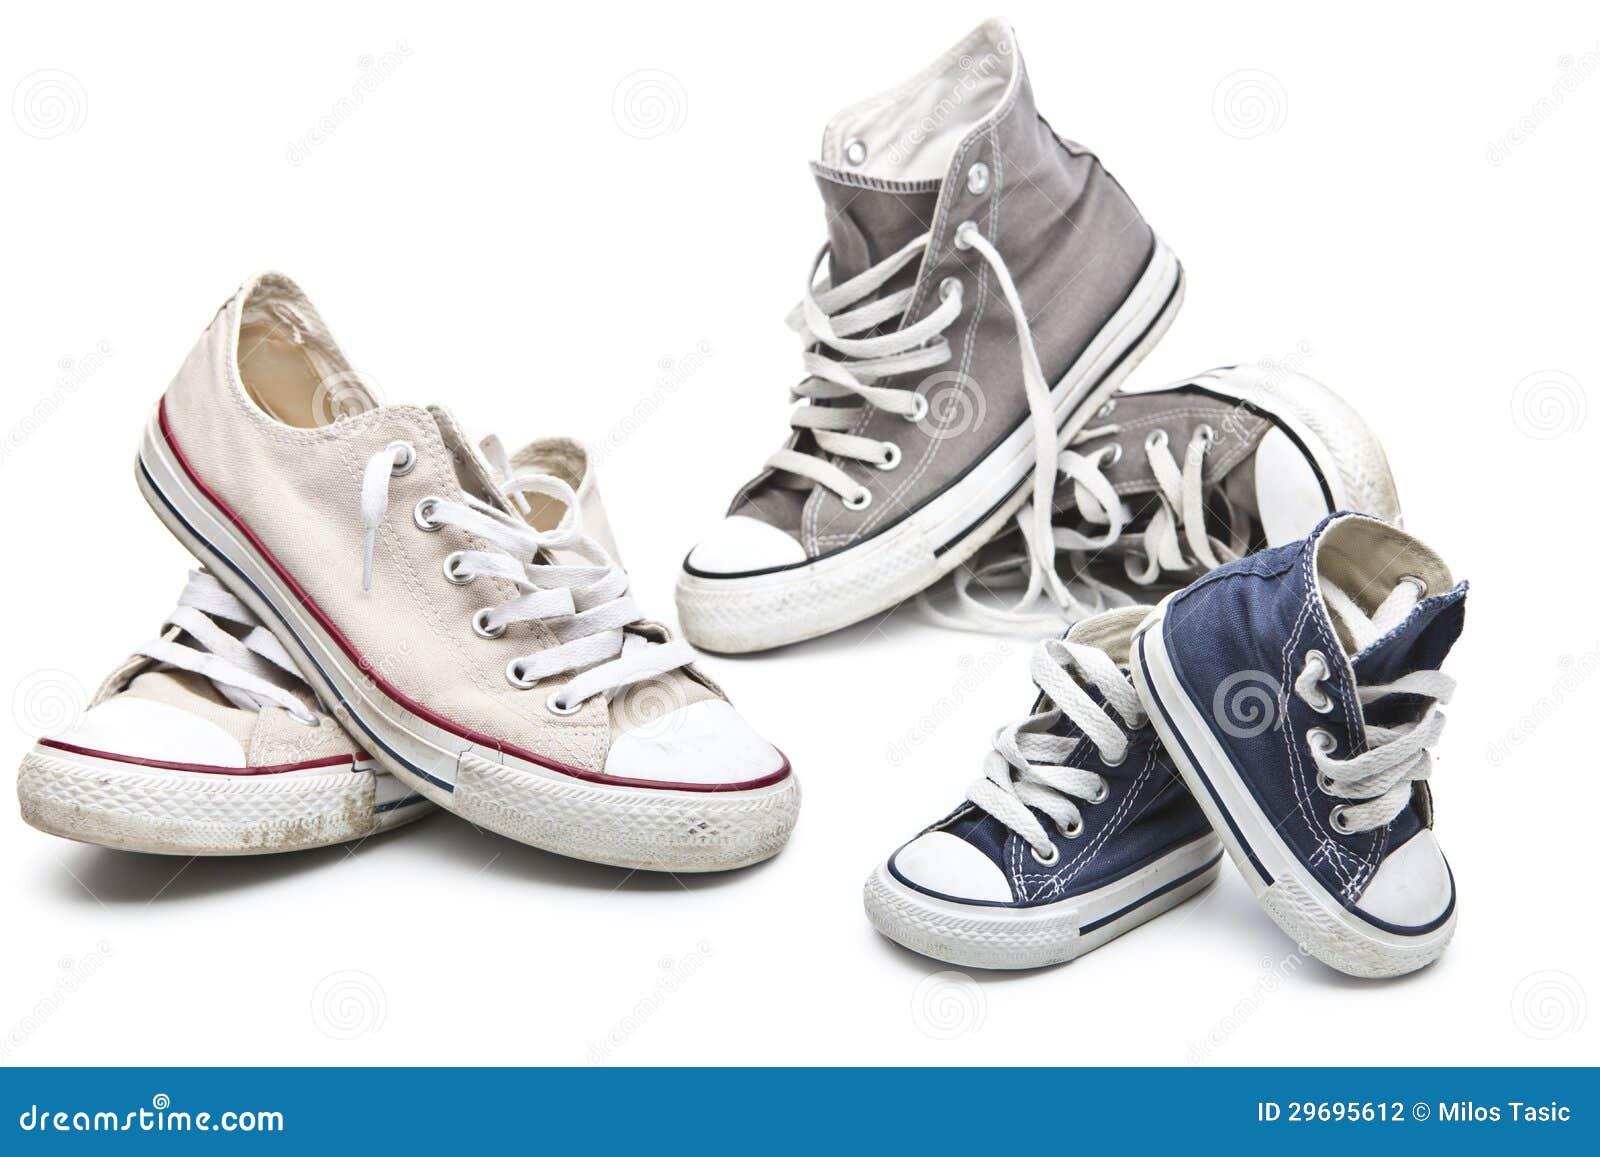 7a057416c43 Αθλητικά παπούτσια για πολύ καιρό όλες που απομονώνονται στο άσπρο  υπόβαθρο. Φωτογραφία ...